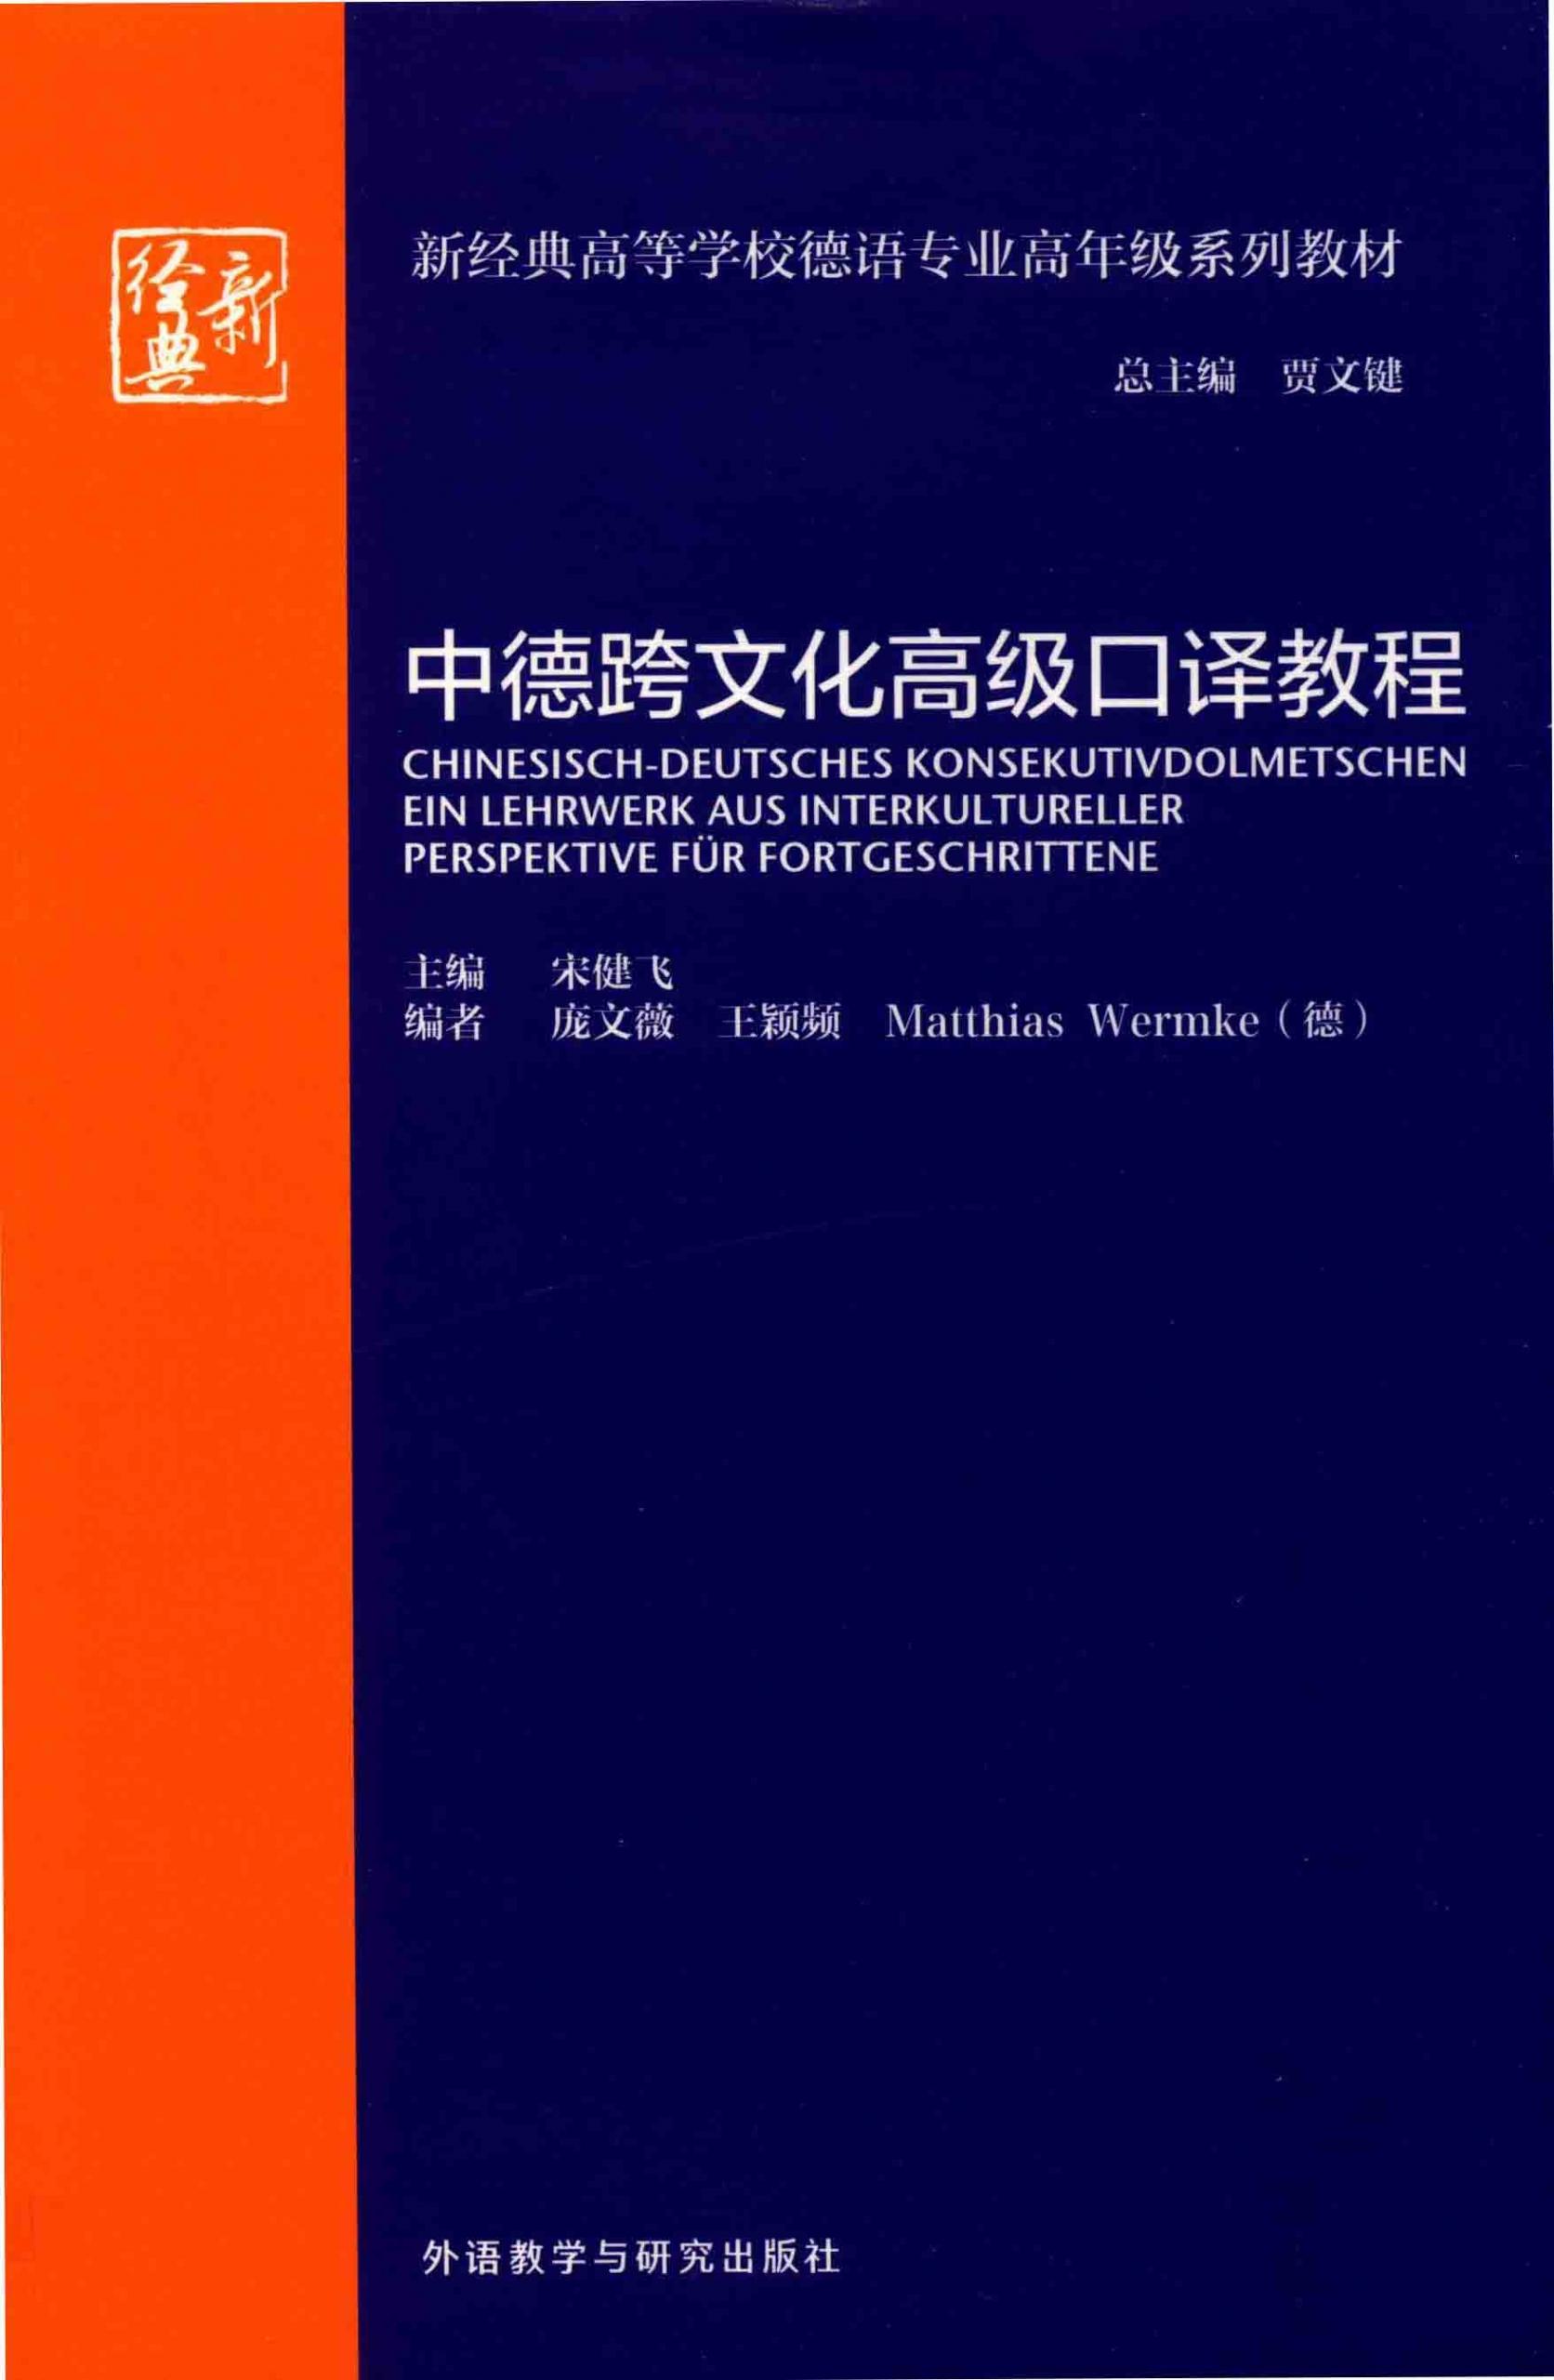 中德跨文化高级口译教程 宋健飞  PDF